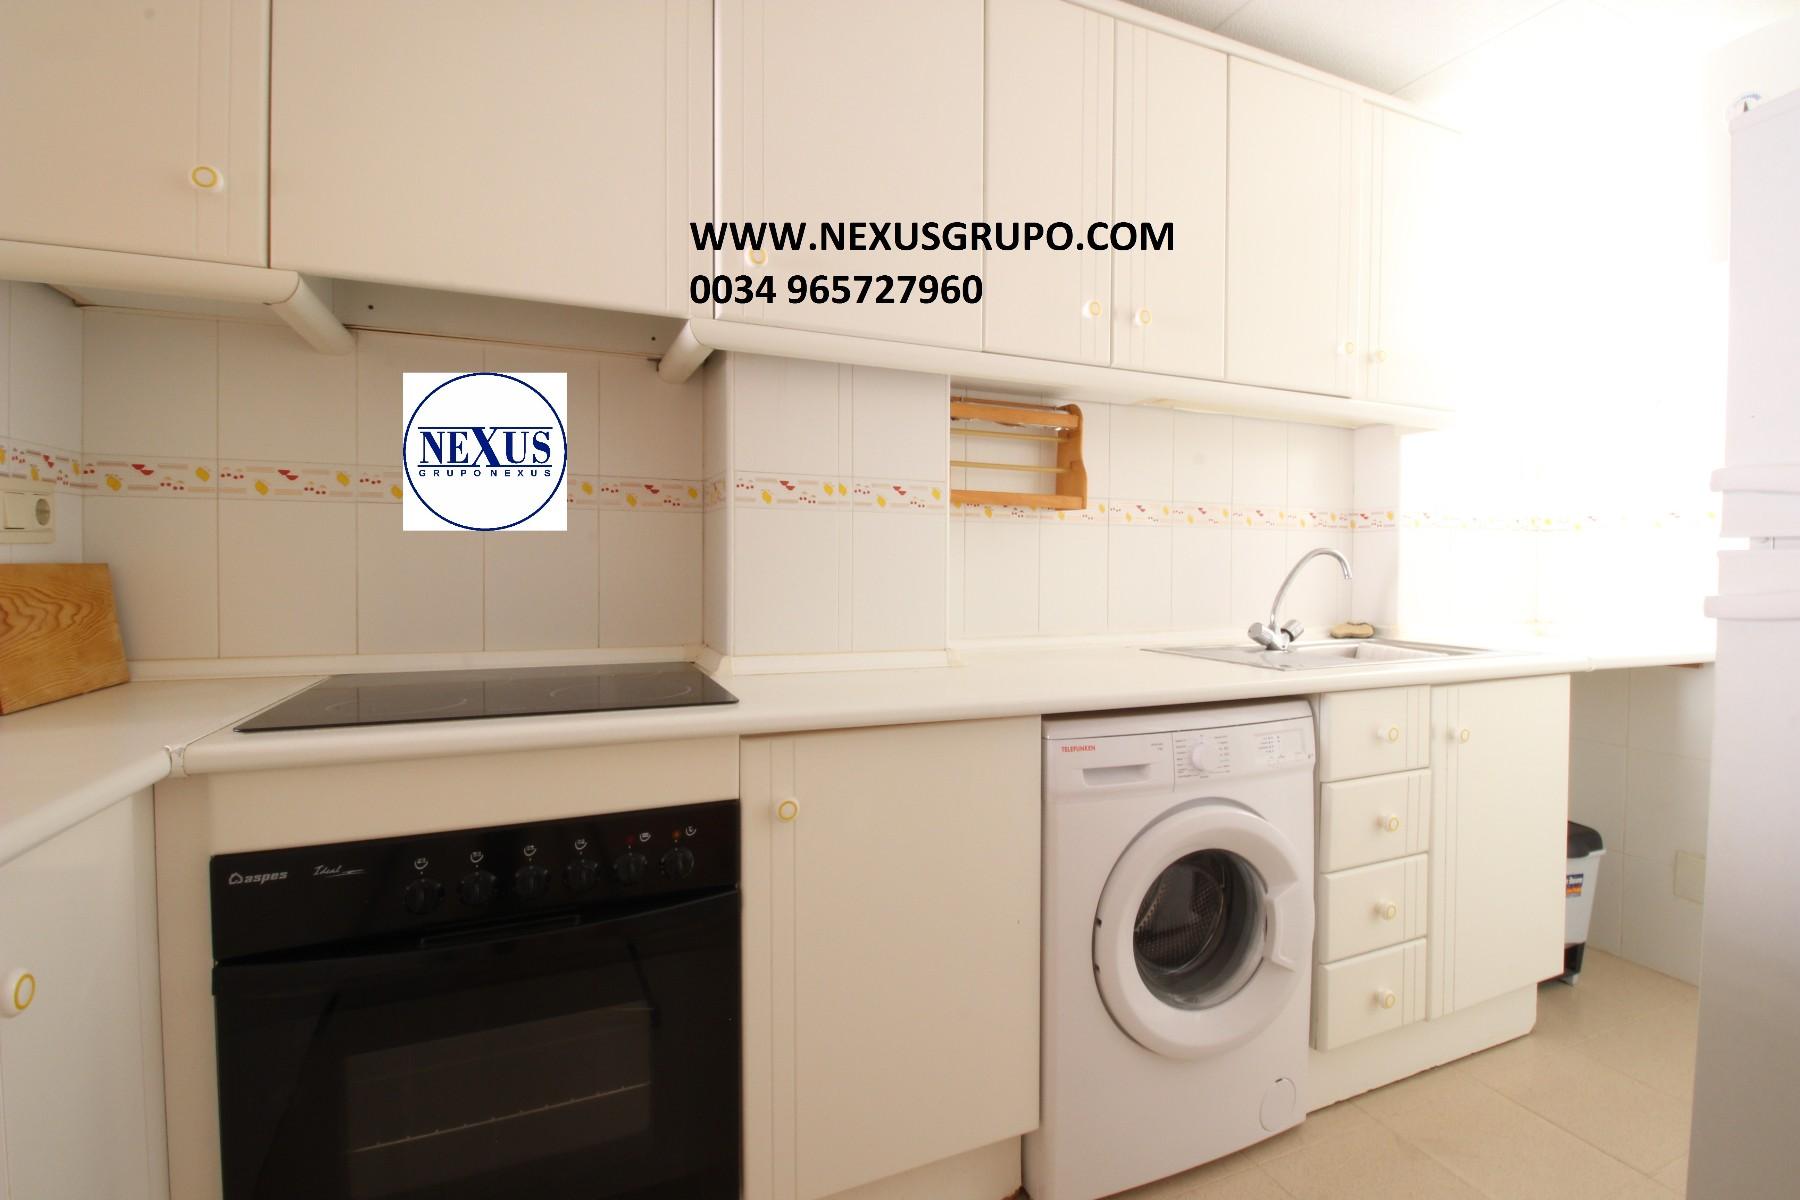 INMOBILIARIA GRUPO NEXUS RENT APARTMENT FOR ALL YEAR ROUND in Nexus Grupo